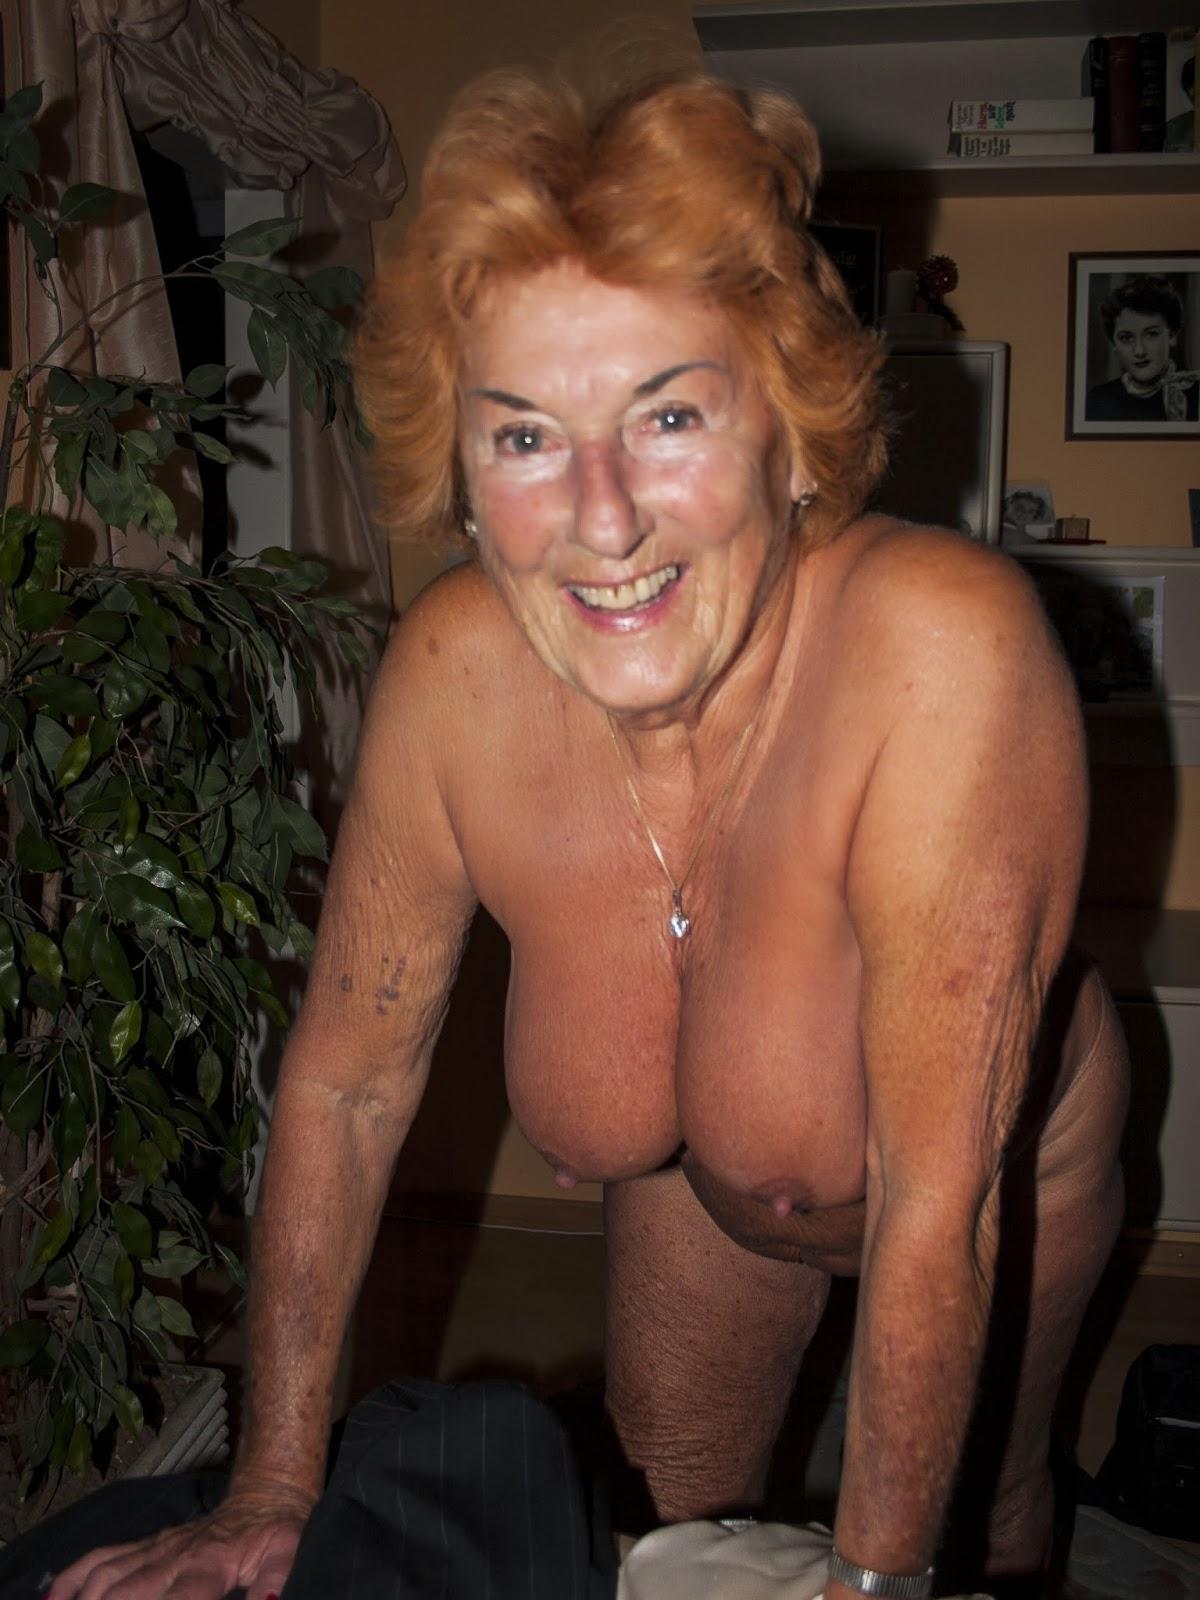 Porno Vecchie Nonne Scopano Filmvz Portal Lustdoctor